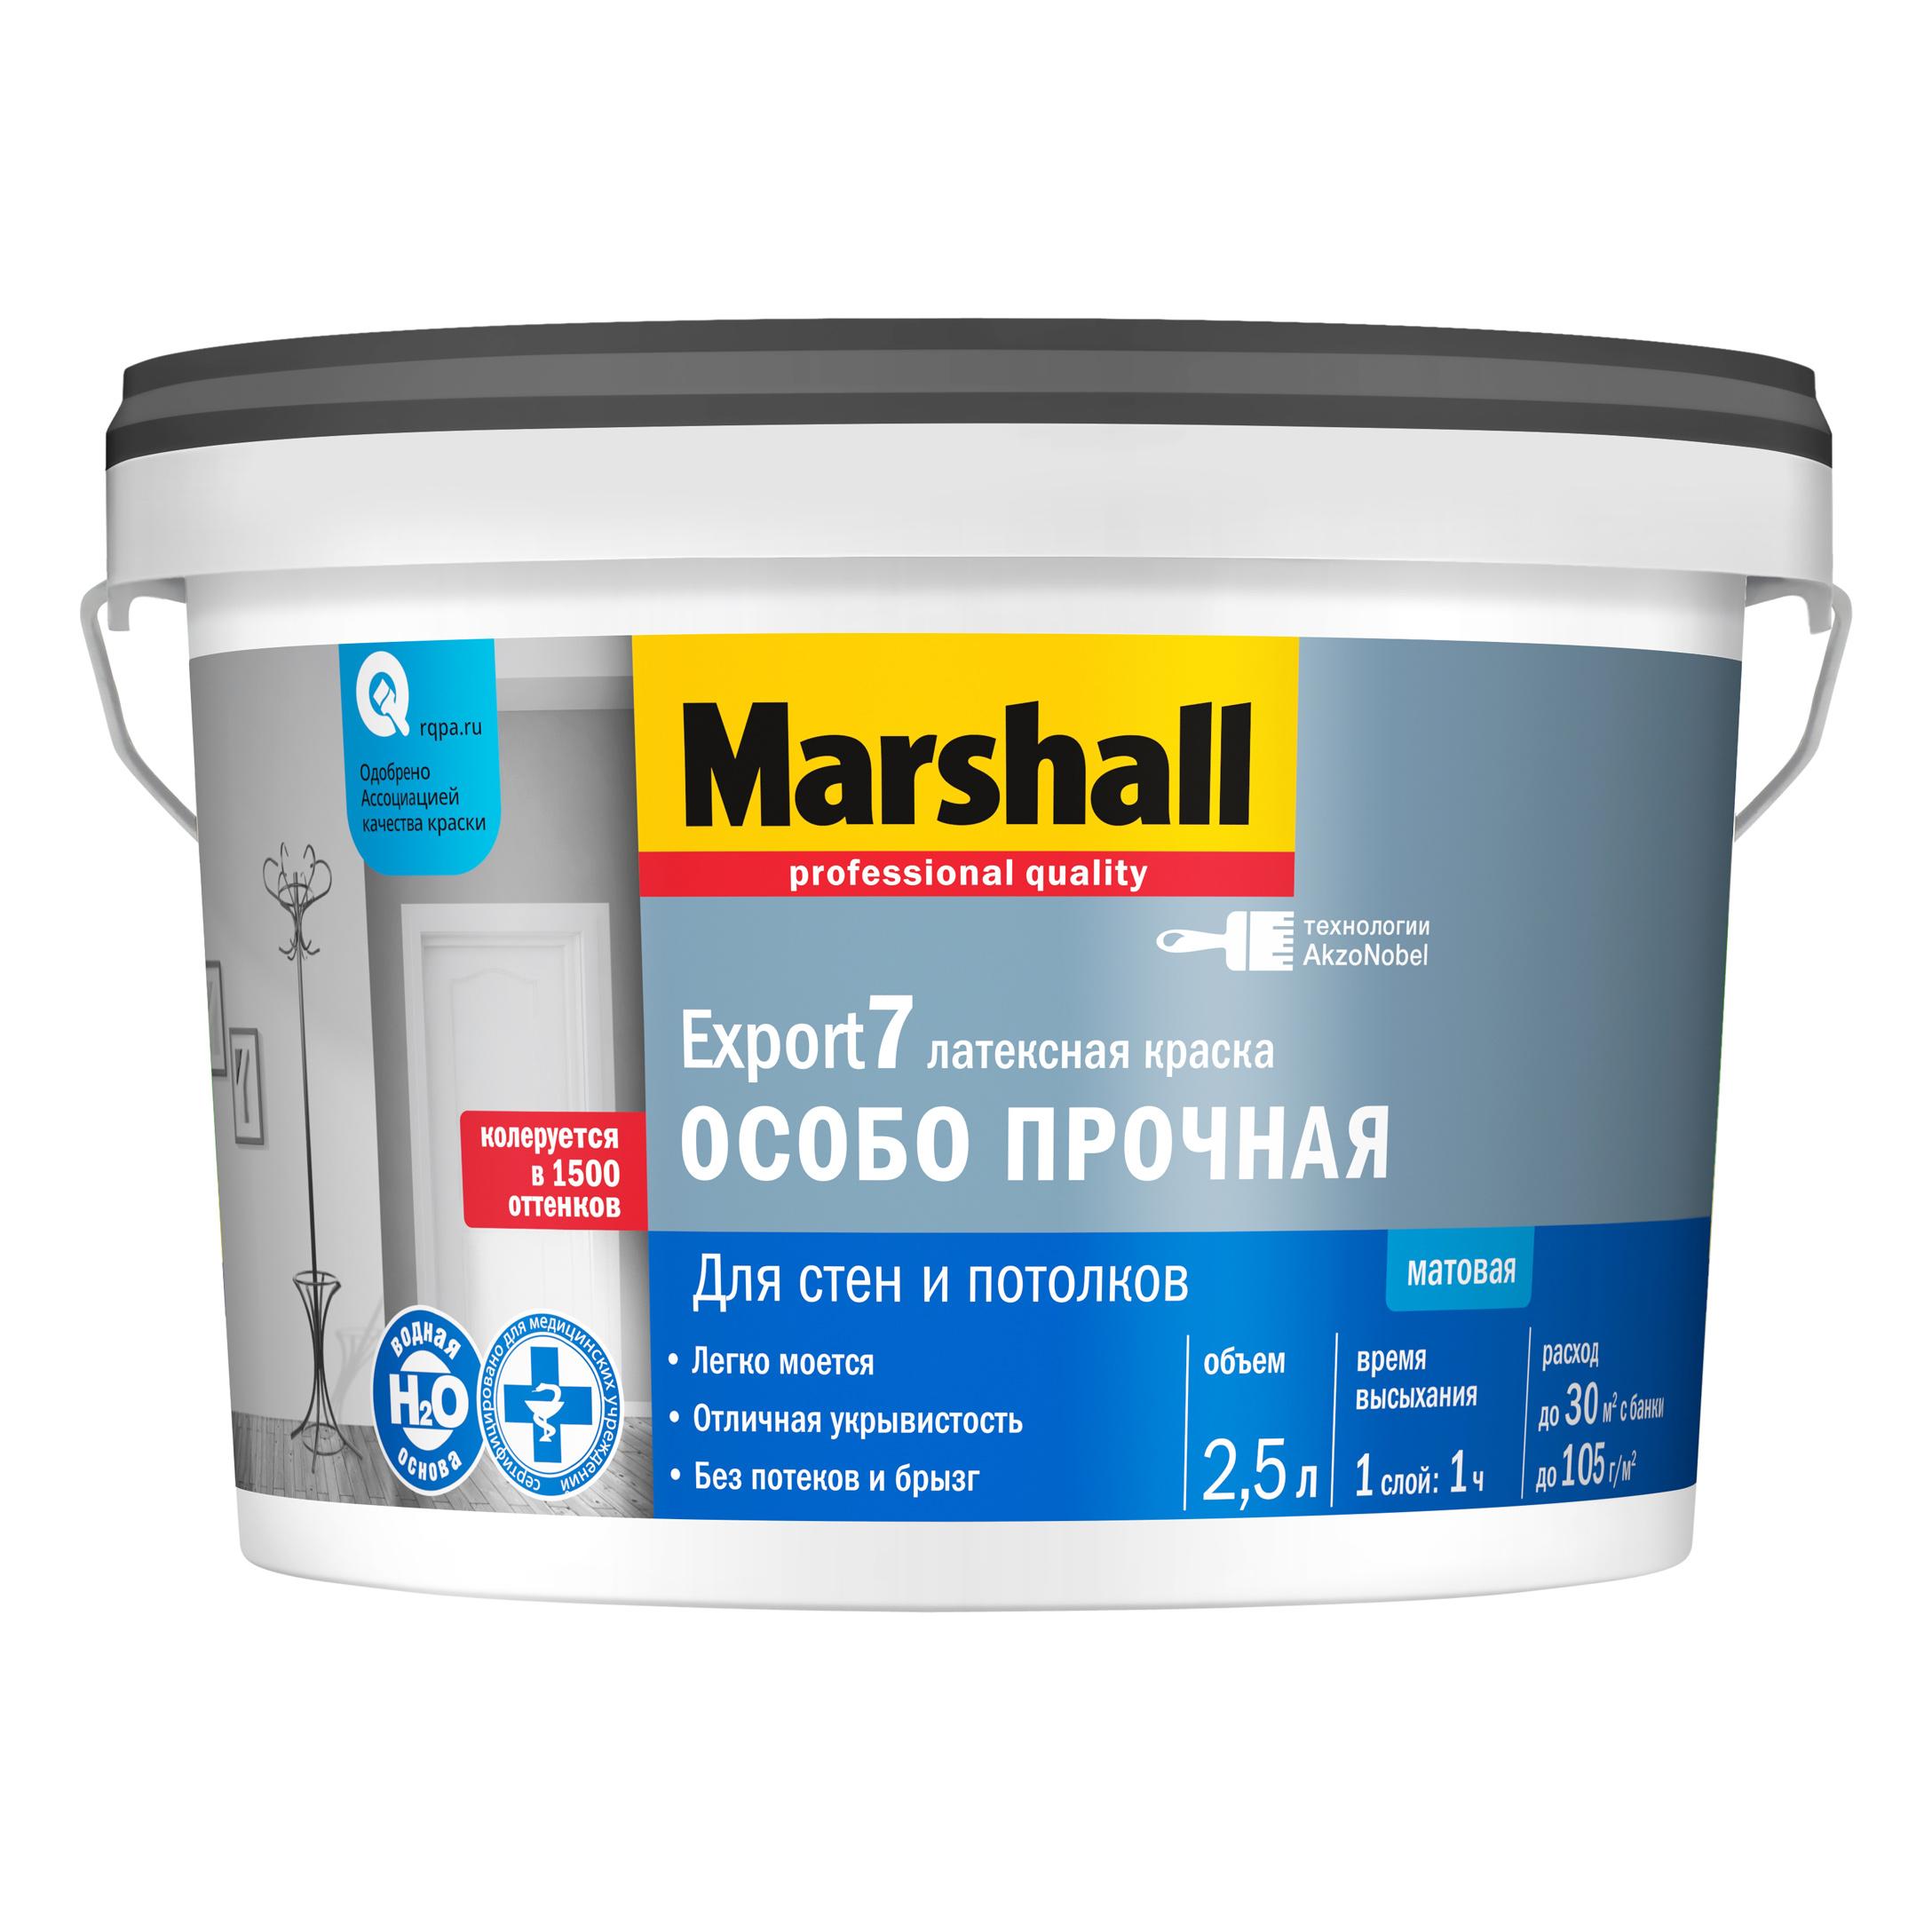 Краска Marshall водоэмульсионная для внутренних работ EXPORT-2 глубокоматовая, база BC (2,5л)